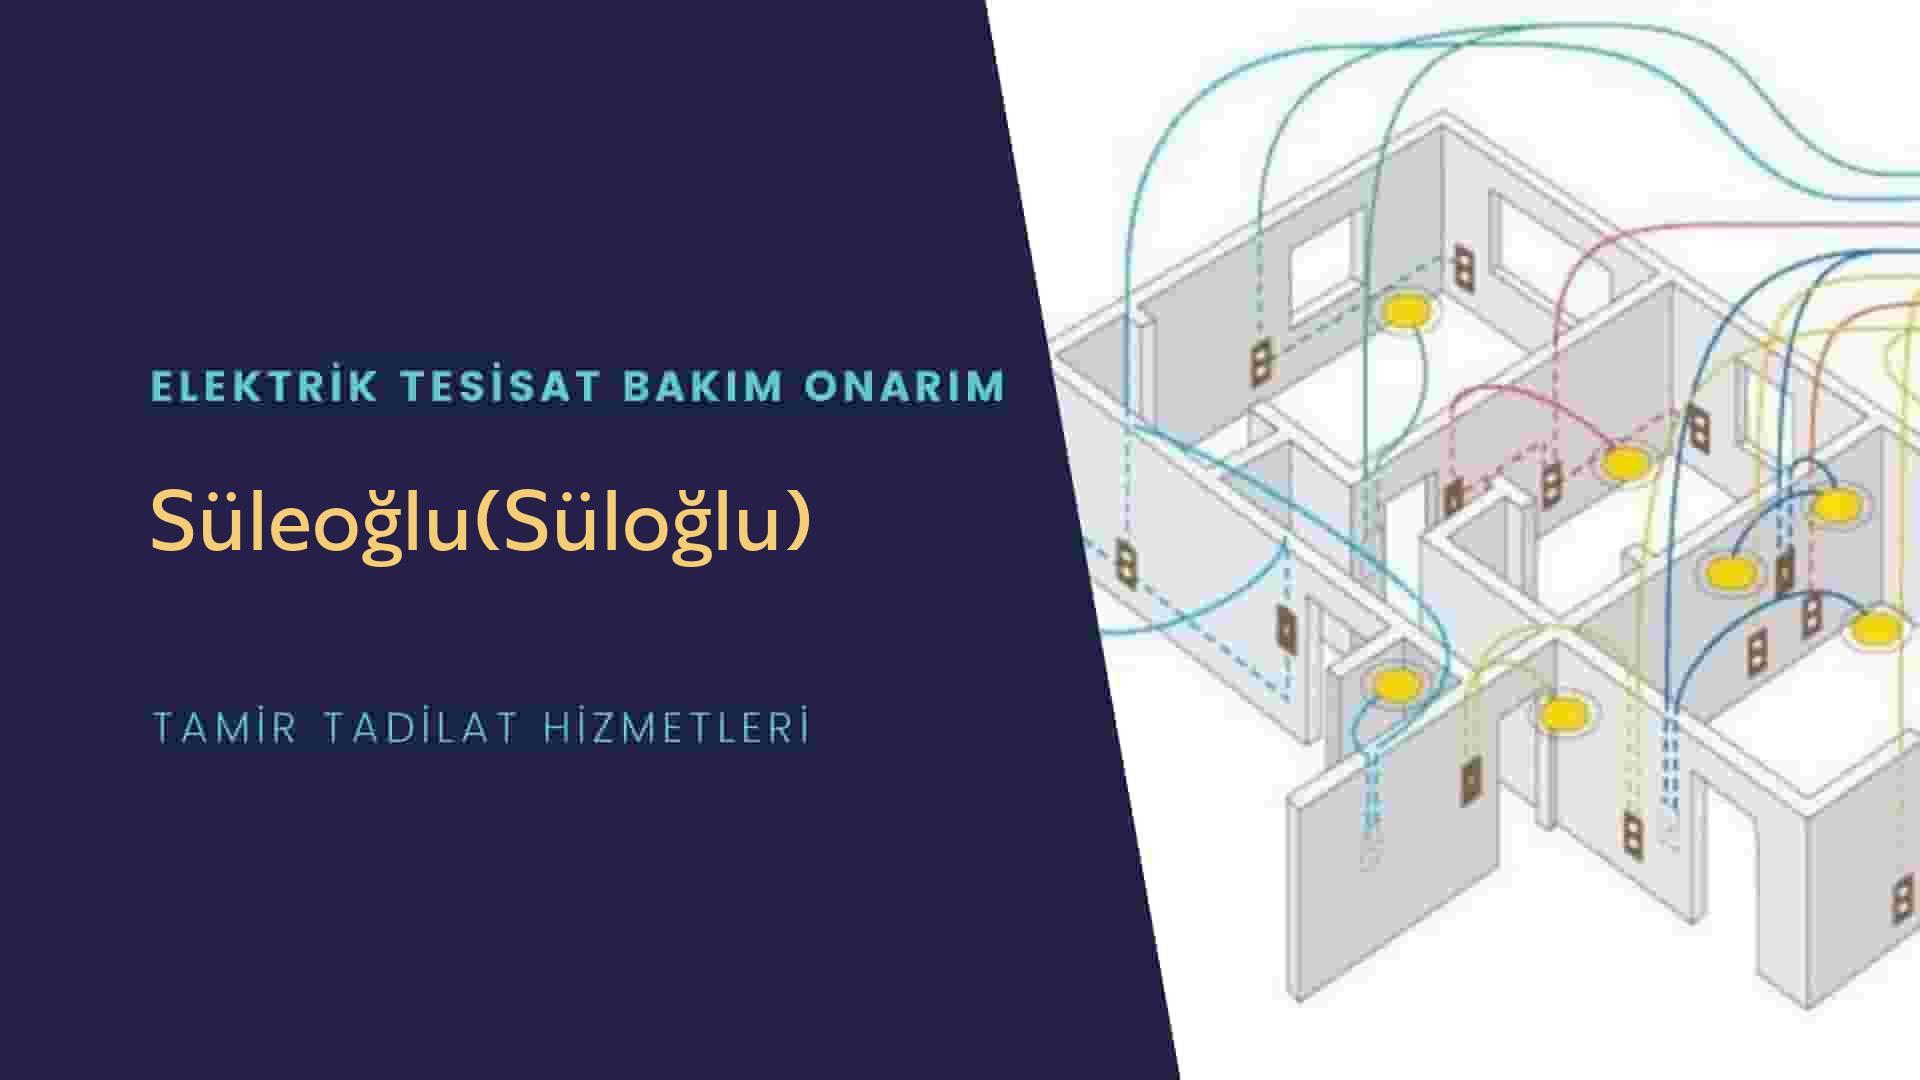 Süleoğlu(Süloğlu)  elektrik tesisatıustalarımı arıyorsunuz doğru adrestenizi Süleoğlu(Süloğlu) elektrik tesisatı ustalarımız 7/24 sizlere hizmet vermekten mutluluk duyar.